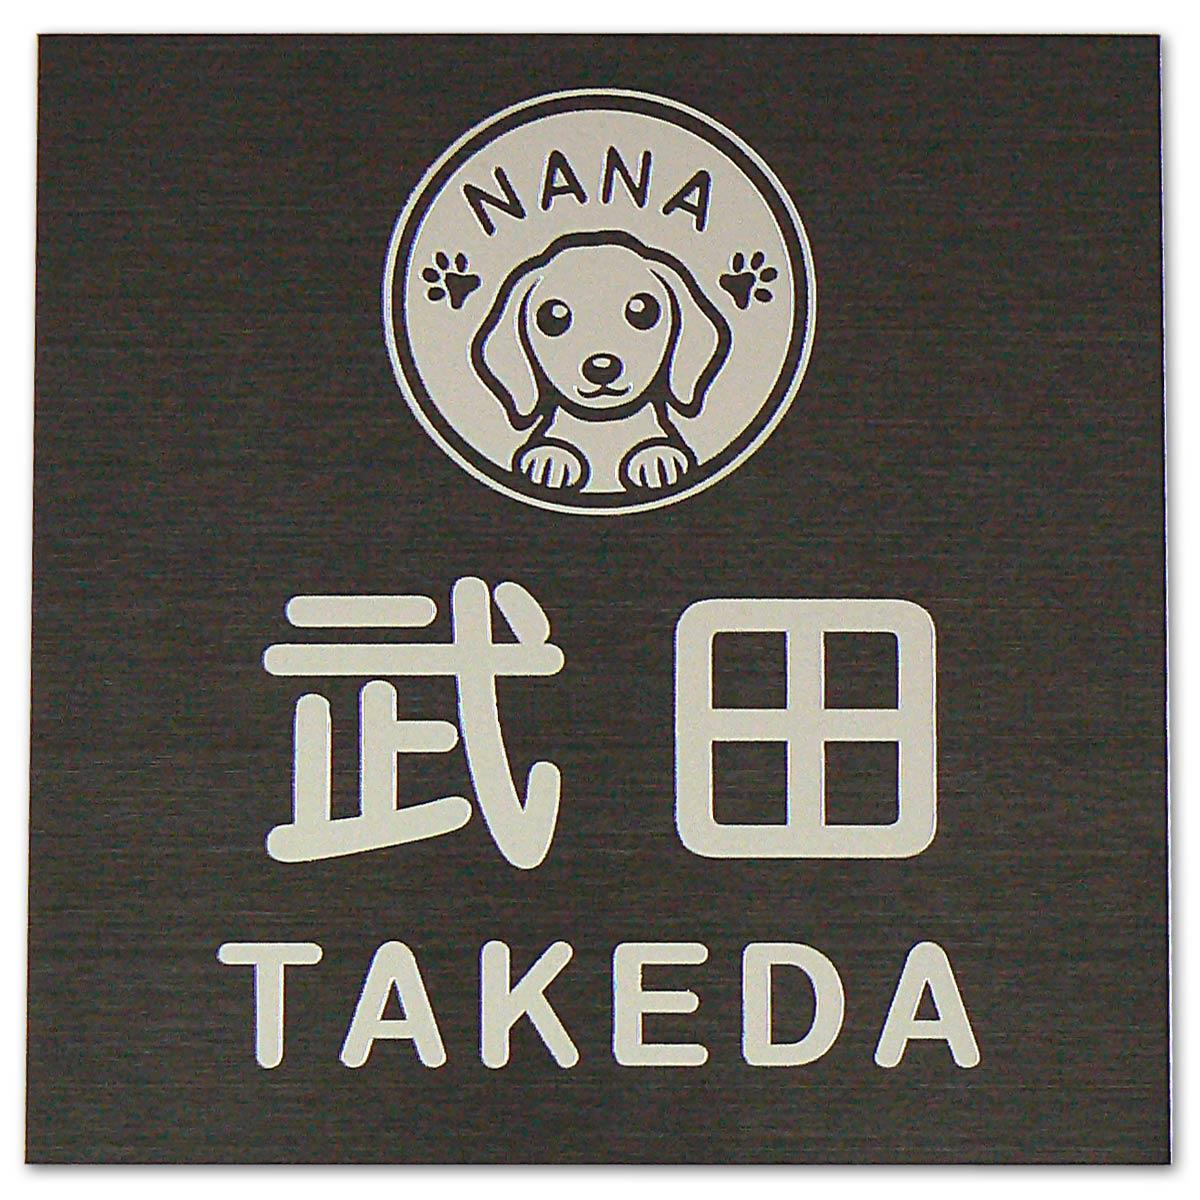 ブラックステンレス表札 かわいい犬・猫デザイン1.5mm厚 【送料無料】